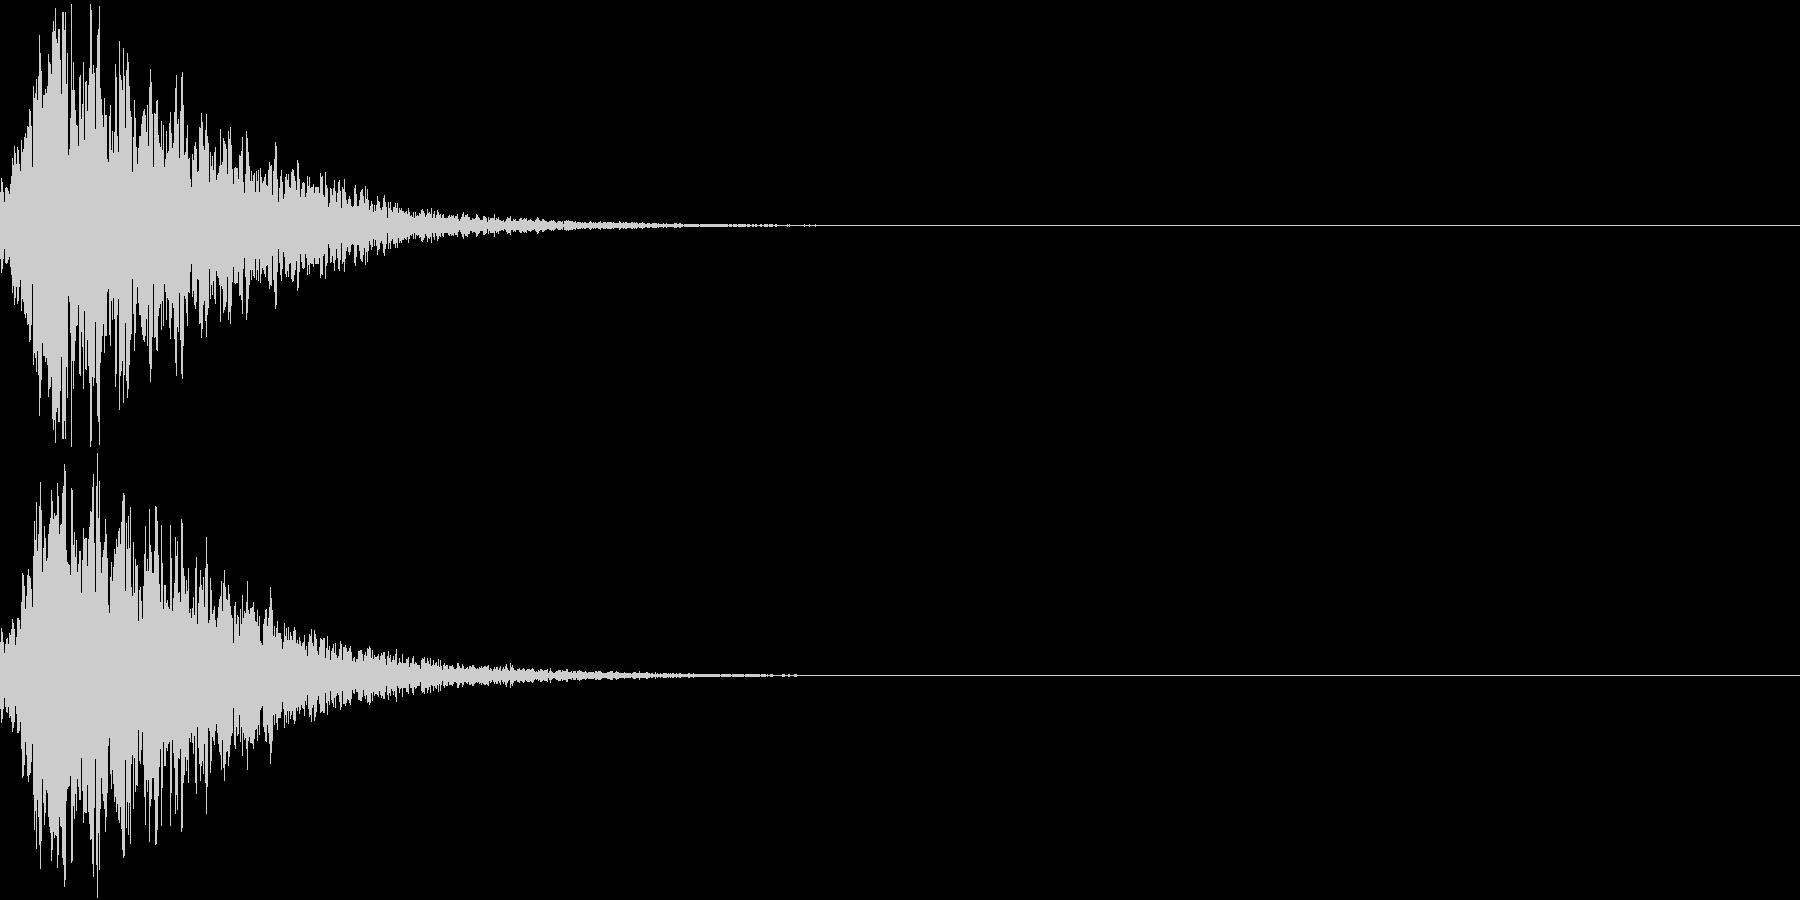 キュイン 光 ピカーン フラッシュ 13の未再生の波形